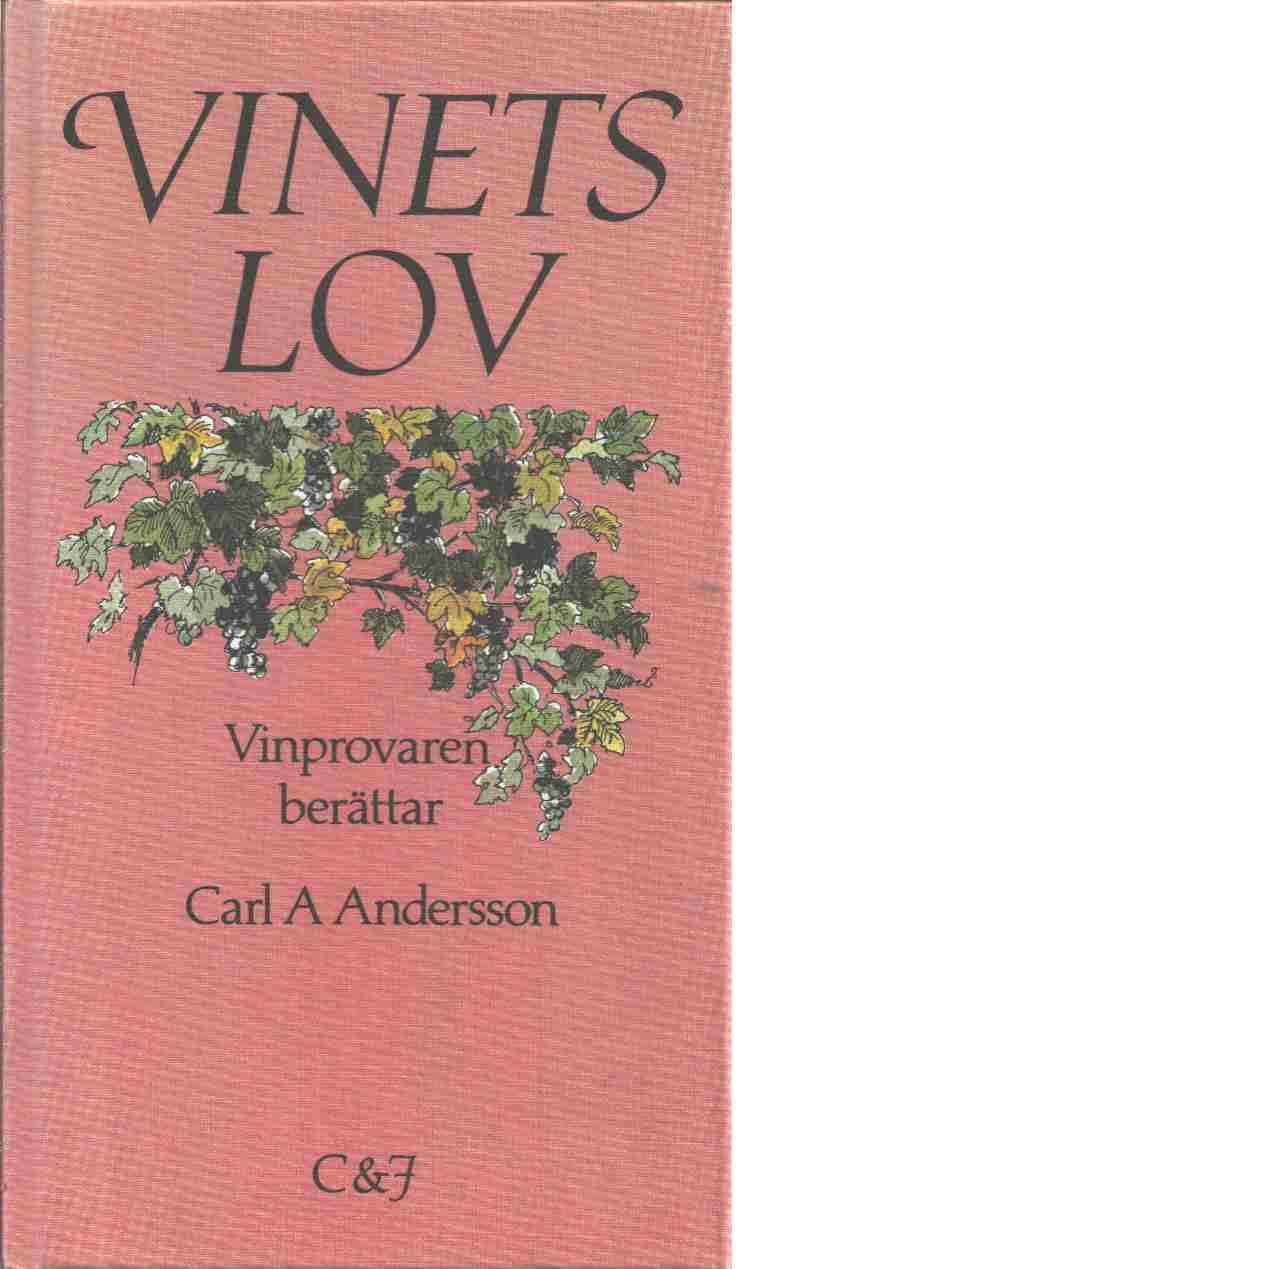 Vinets lov : vinprovaren berättar - Andersson, Carl A.,